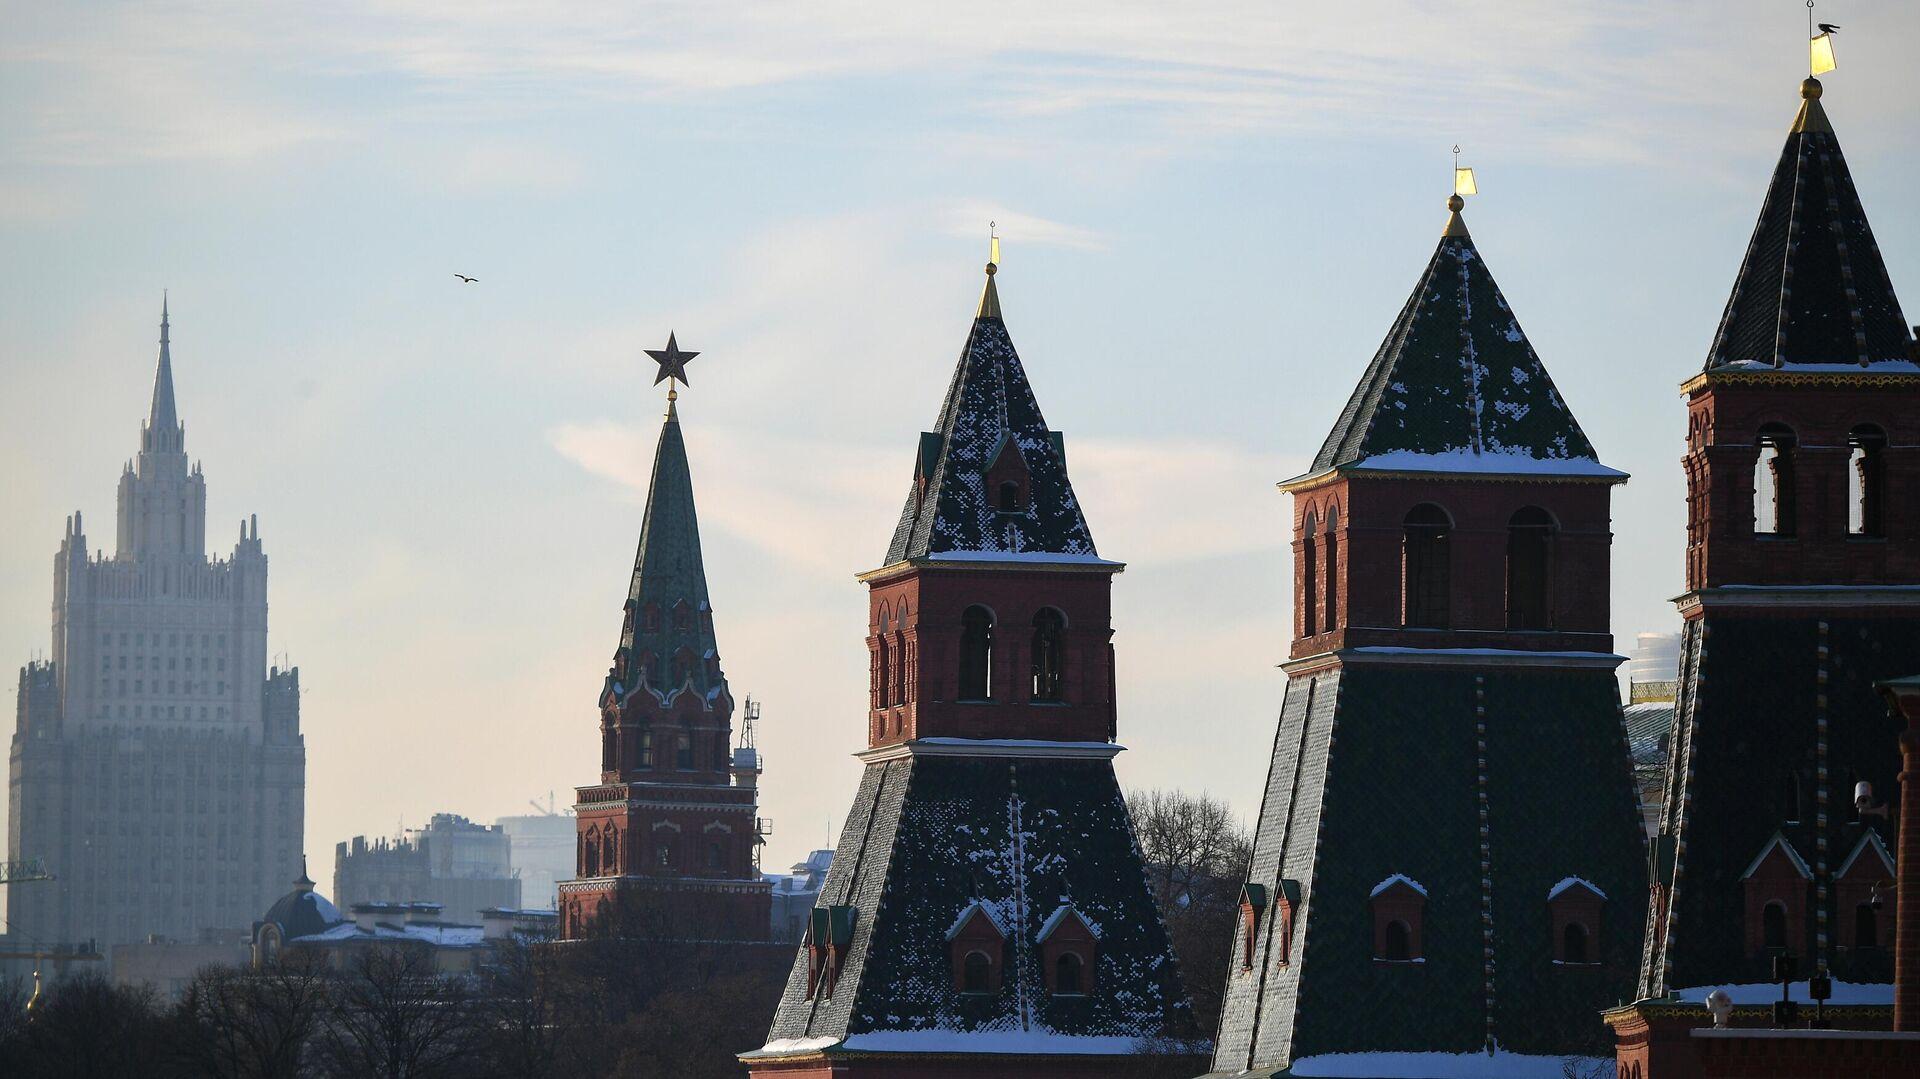 Кремлевские башни в Москве - РИА Новости, 1920, 26.02.2021